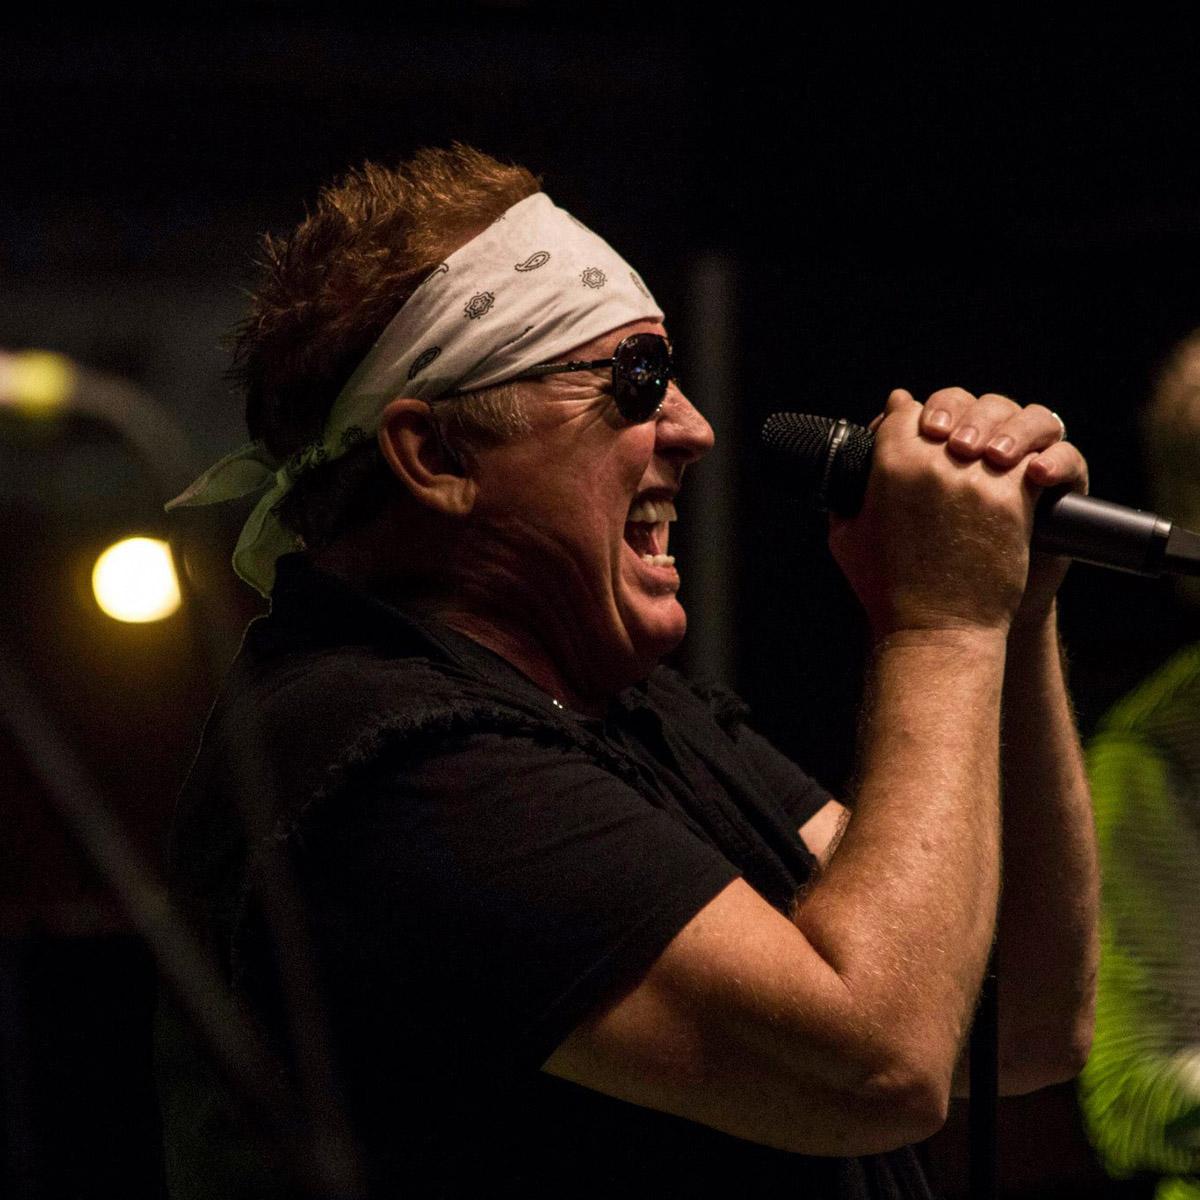 Mike Reno - Photo by Ted Van Boort